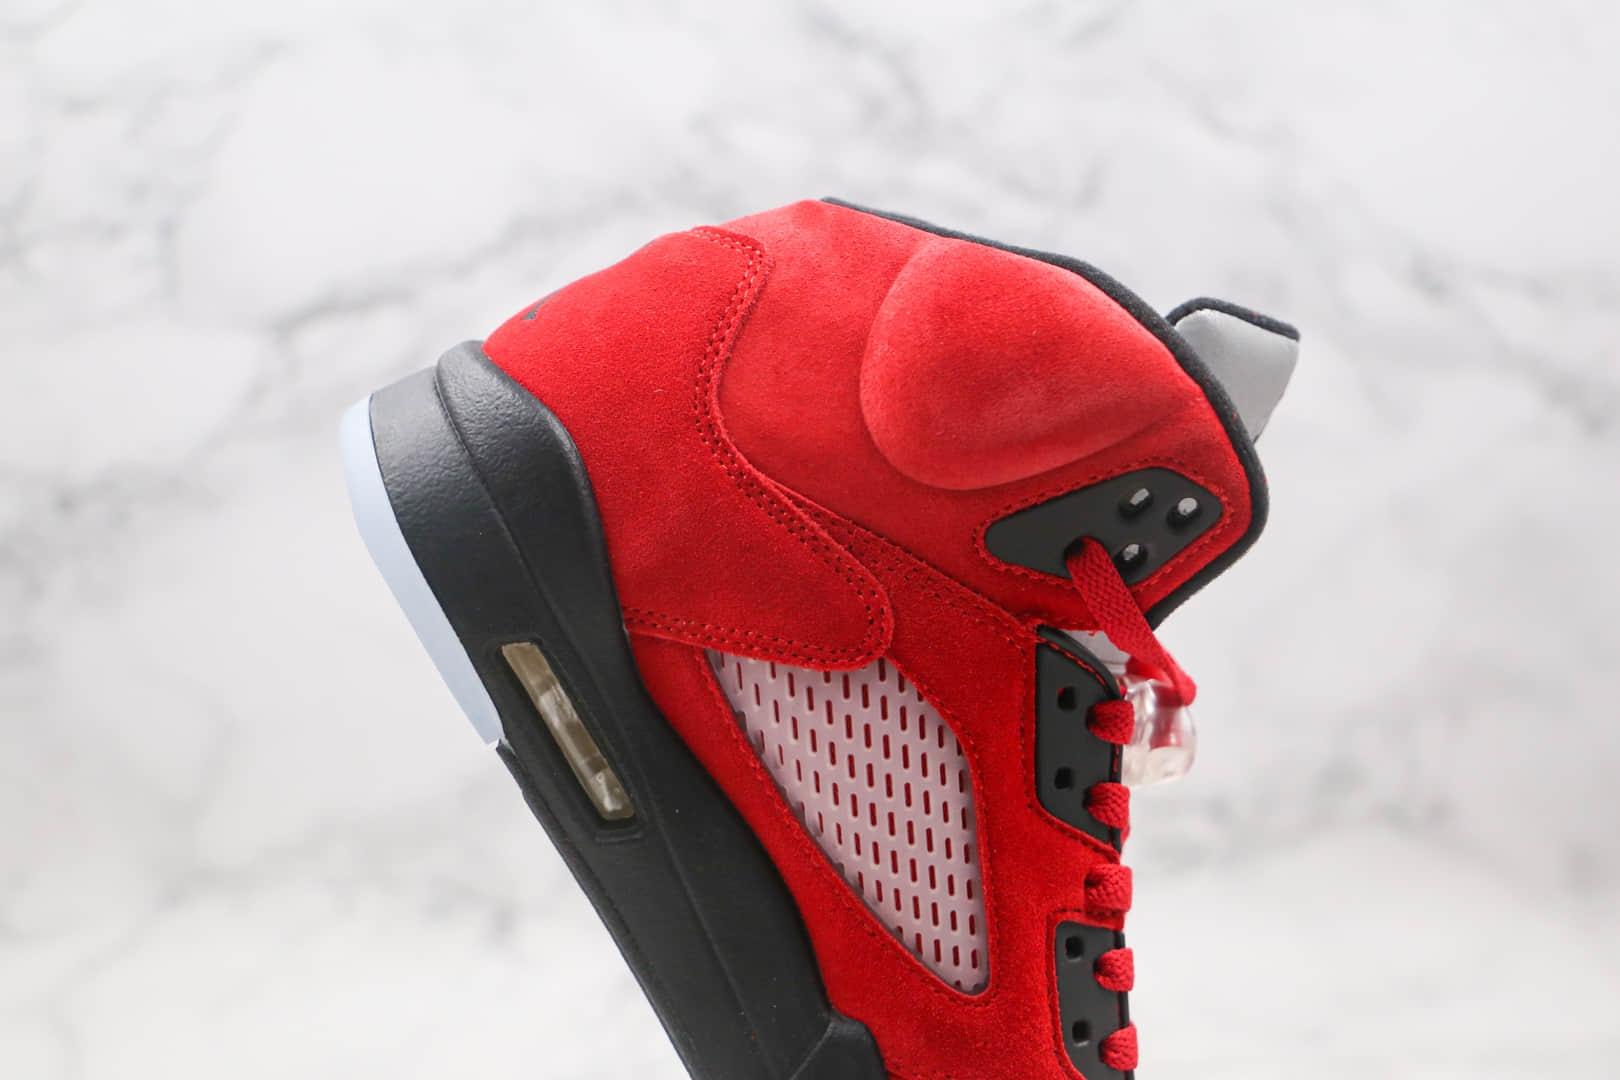 乔丹Air Jordan 5 Raging Bull纯原版本麂皮公牛队大红AJ5篮球鞋原档案数据开发原鞋开模一比一打造 货号:DD0587-600